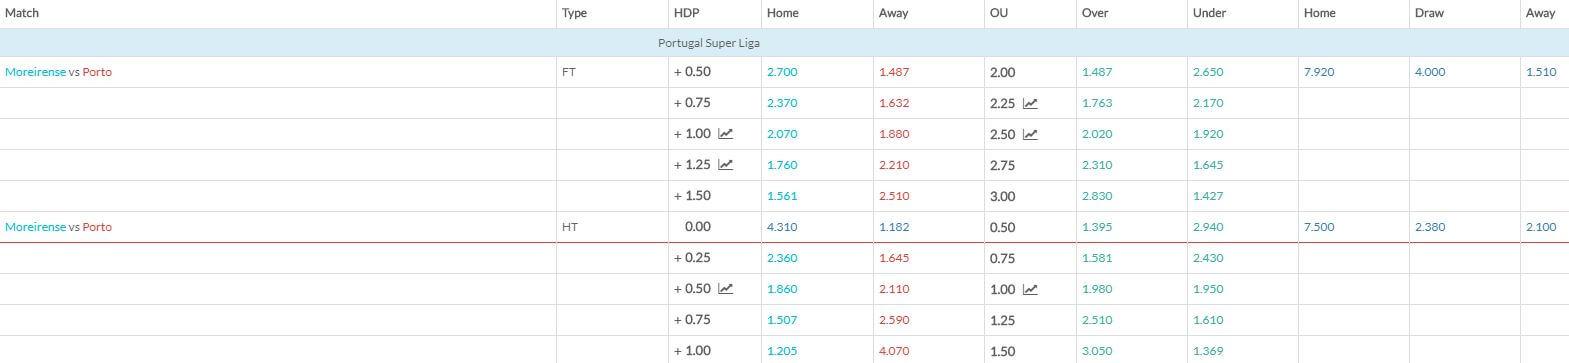 Moreirense v Porto match betting odds 080219